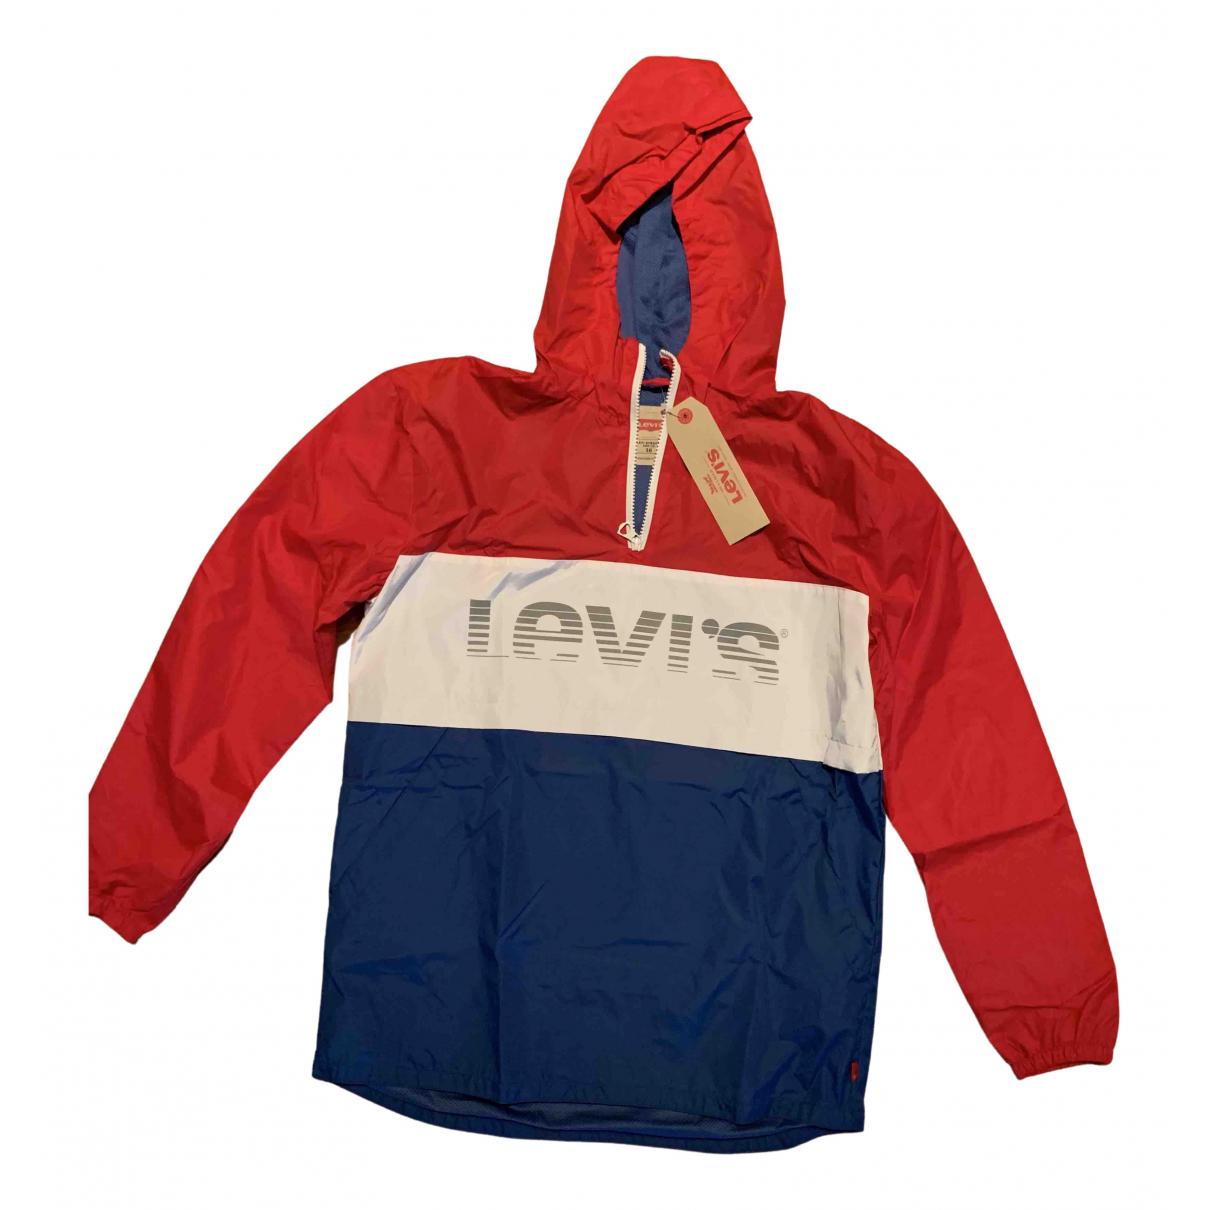 Levis - Blousons.Manteaux   pour enfant - multicolore